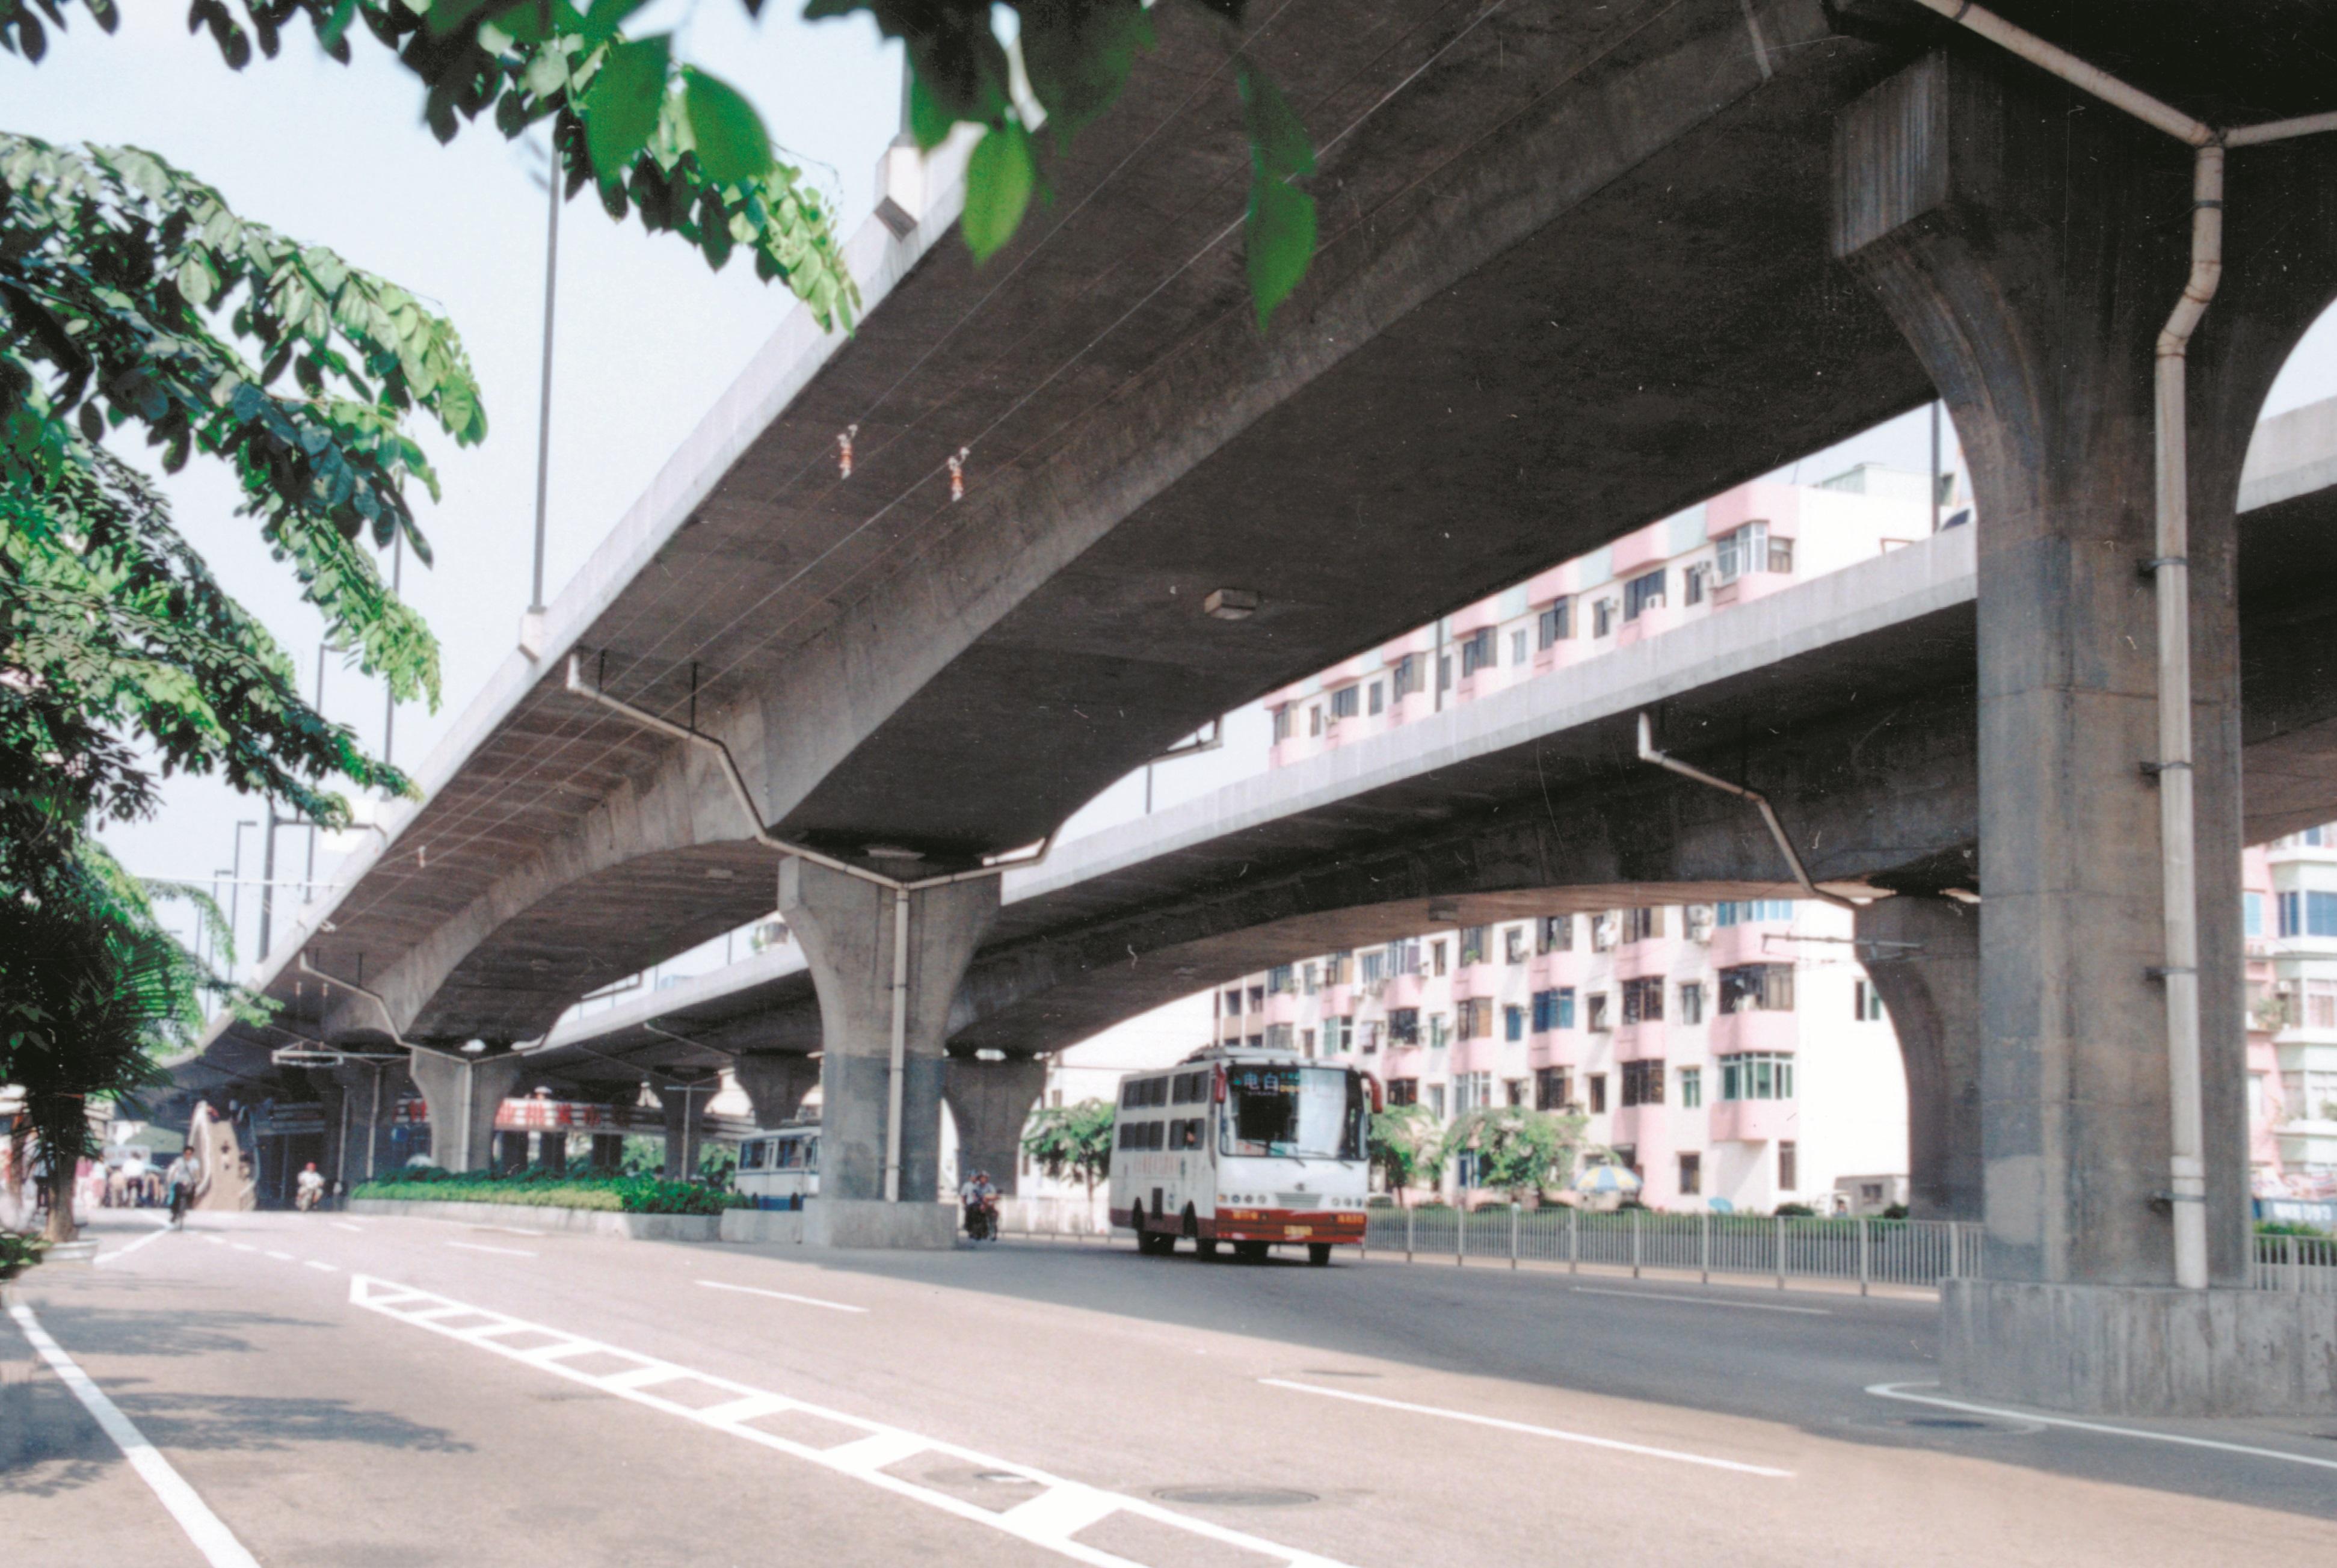 4标-跨克山铁路桥 _广州市市政工程设计